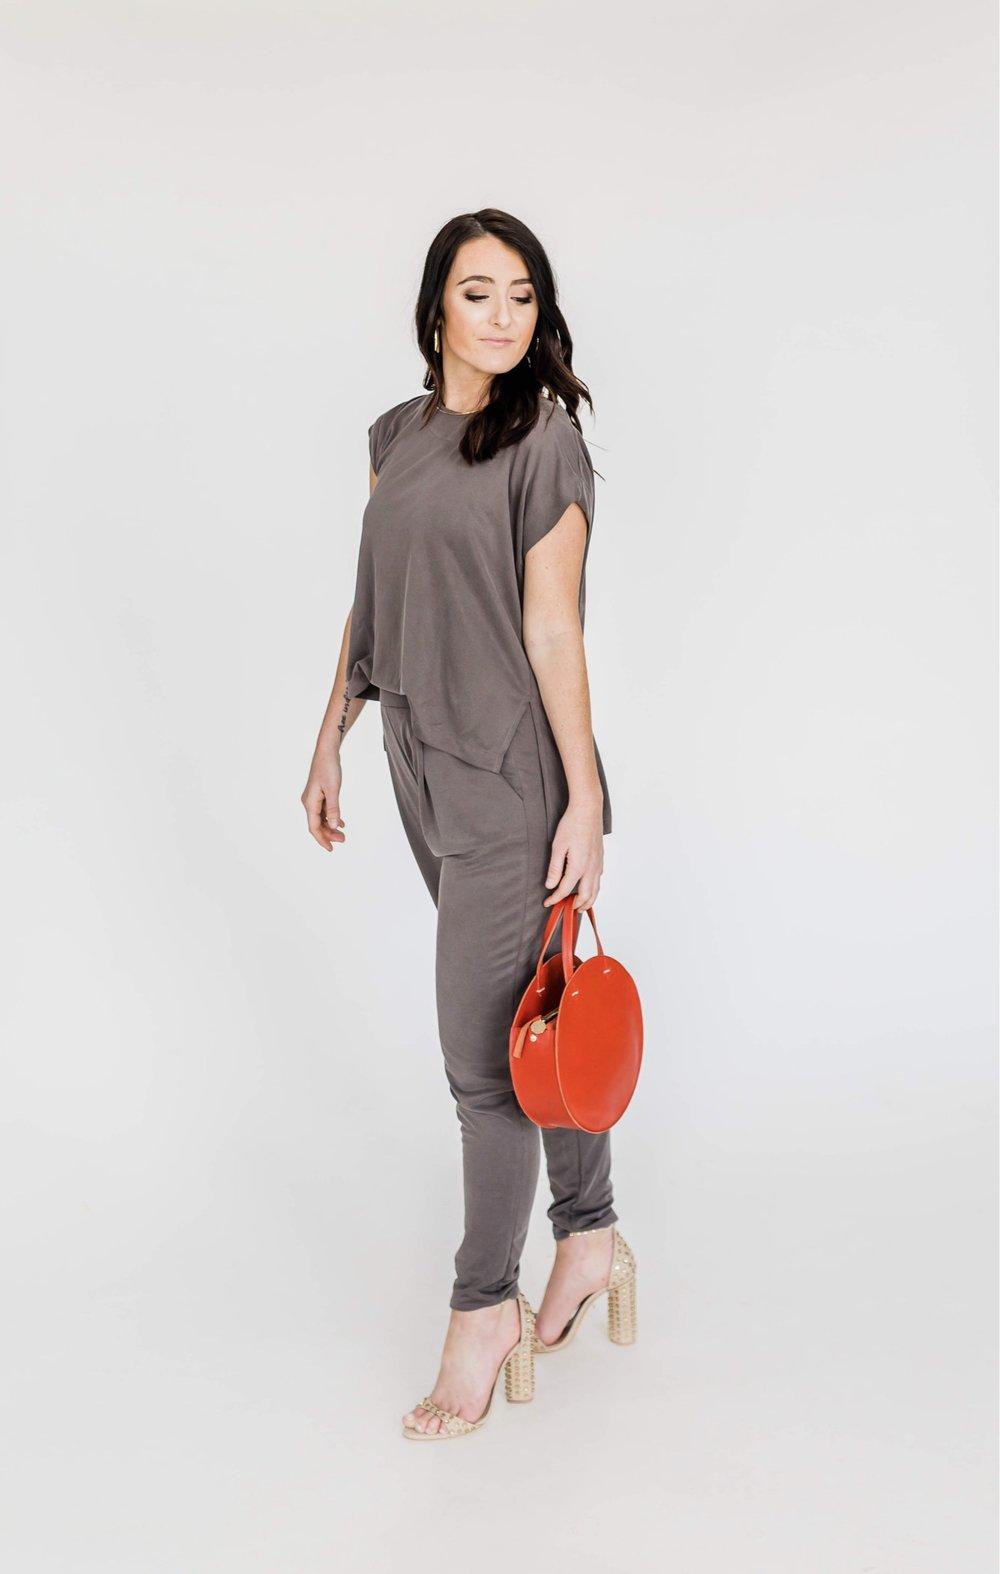 Kara's Look - What She's Wearing:Five & Two Gold HoopsFive & Two Rochelle NecklaceClare V HandbagSchutz Heels